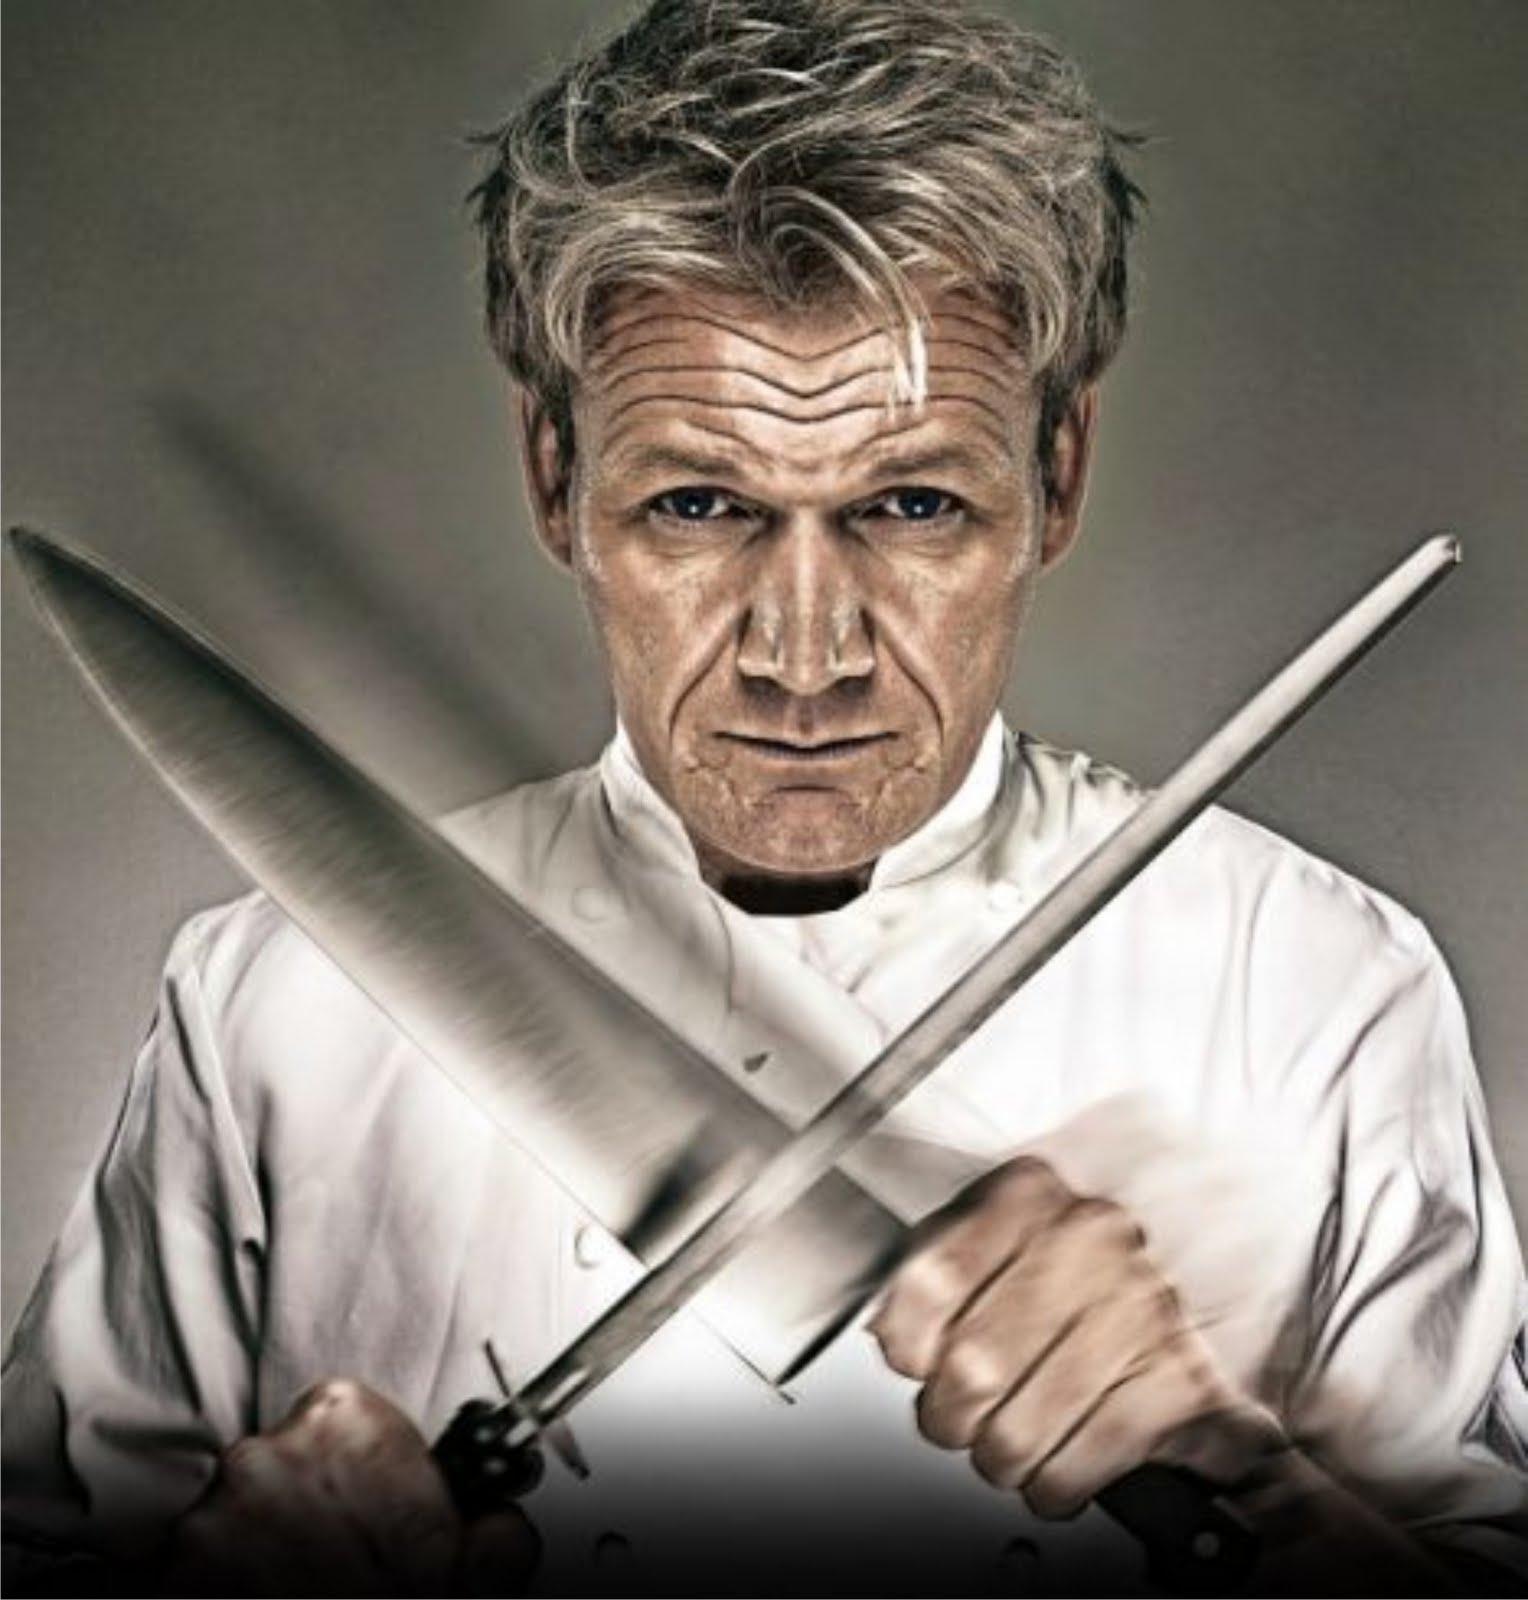 Free Download Gordon Ramsay 933153 Gordon Ramsay 933147